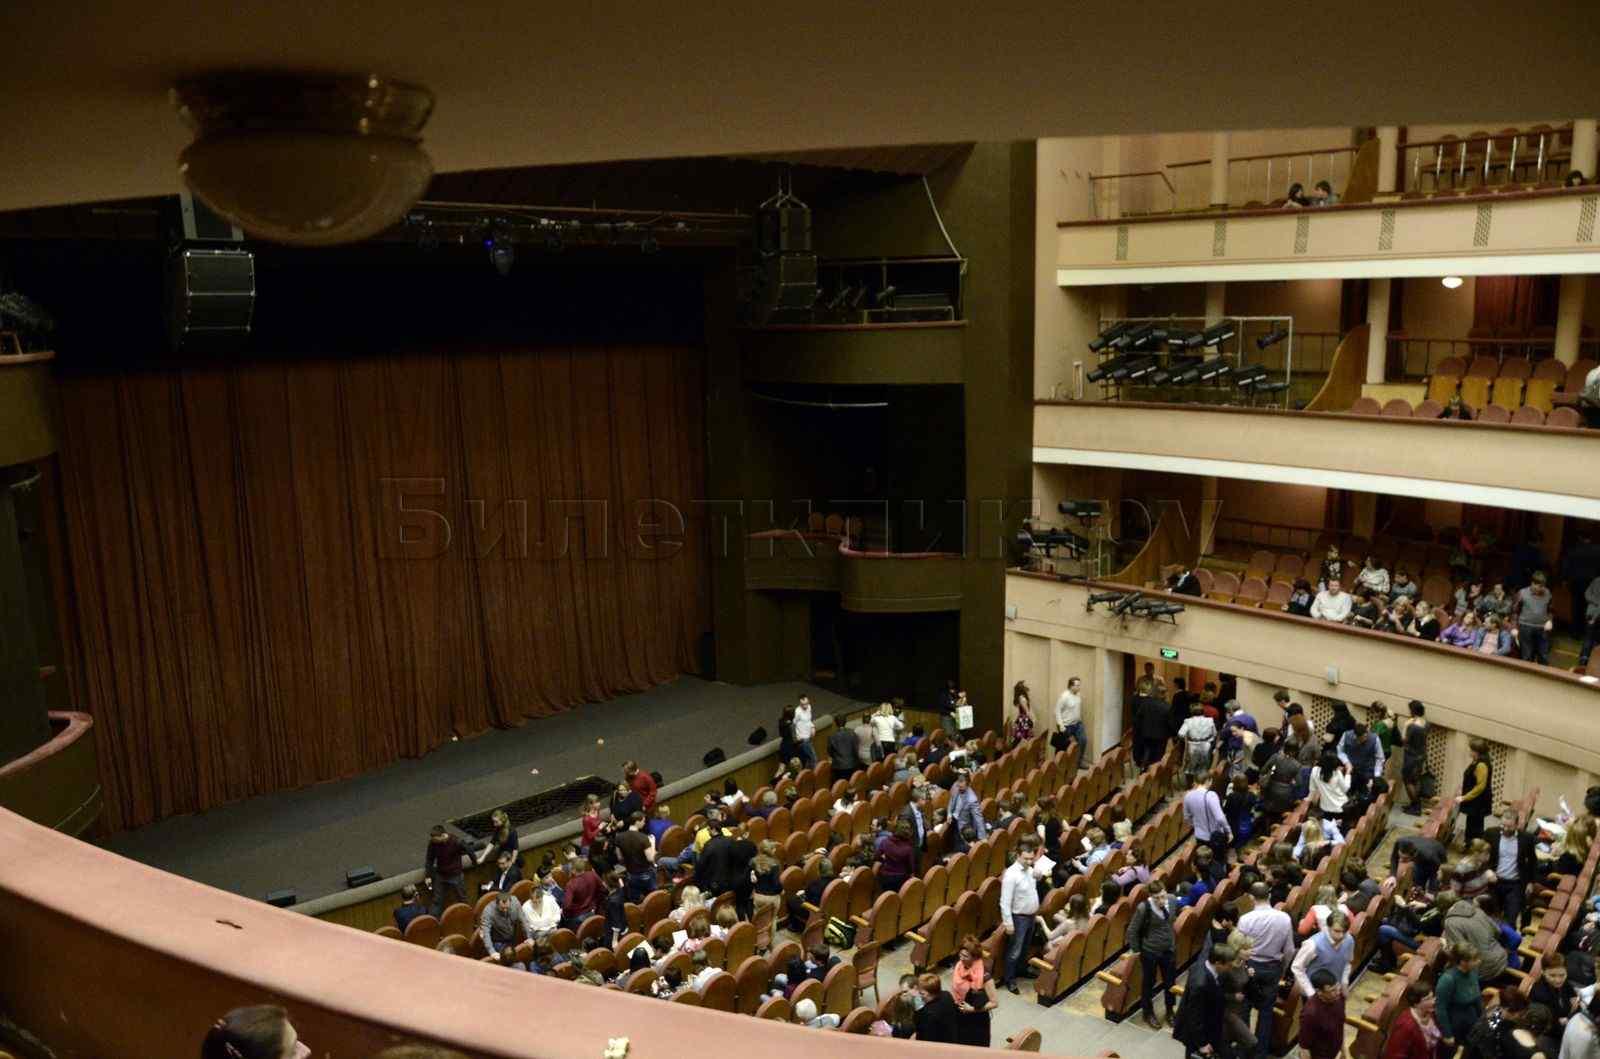 Театр им моссовета схема зала фото